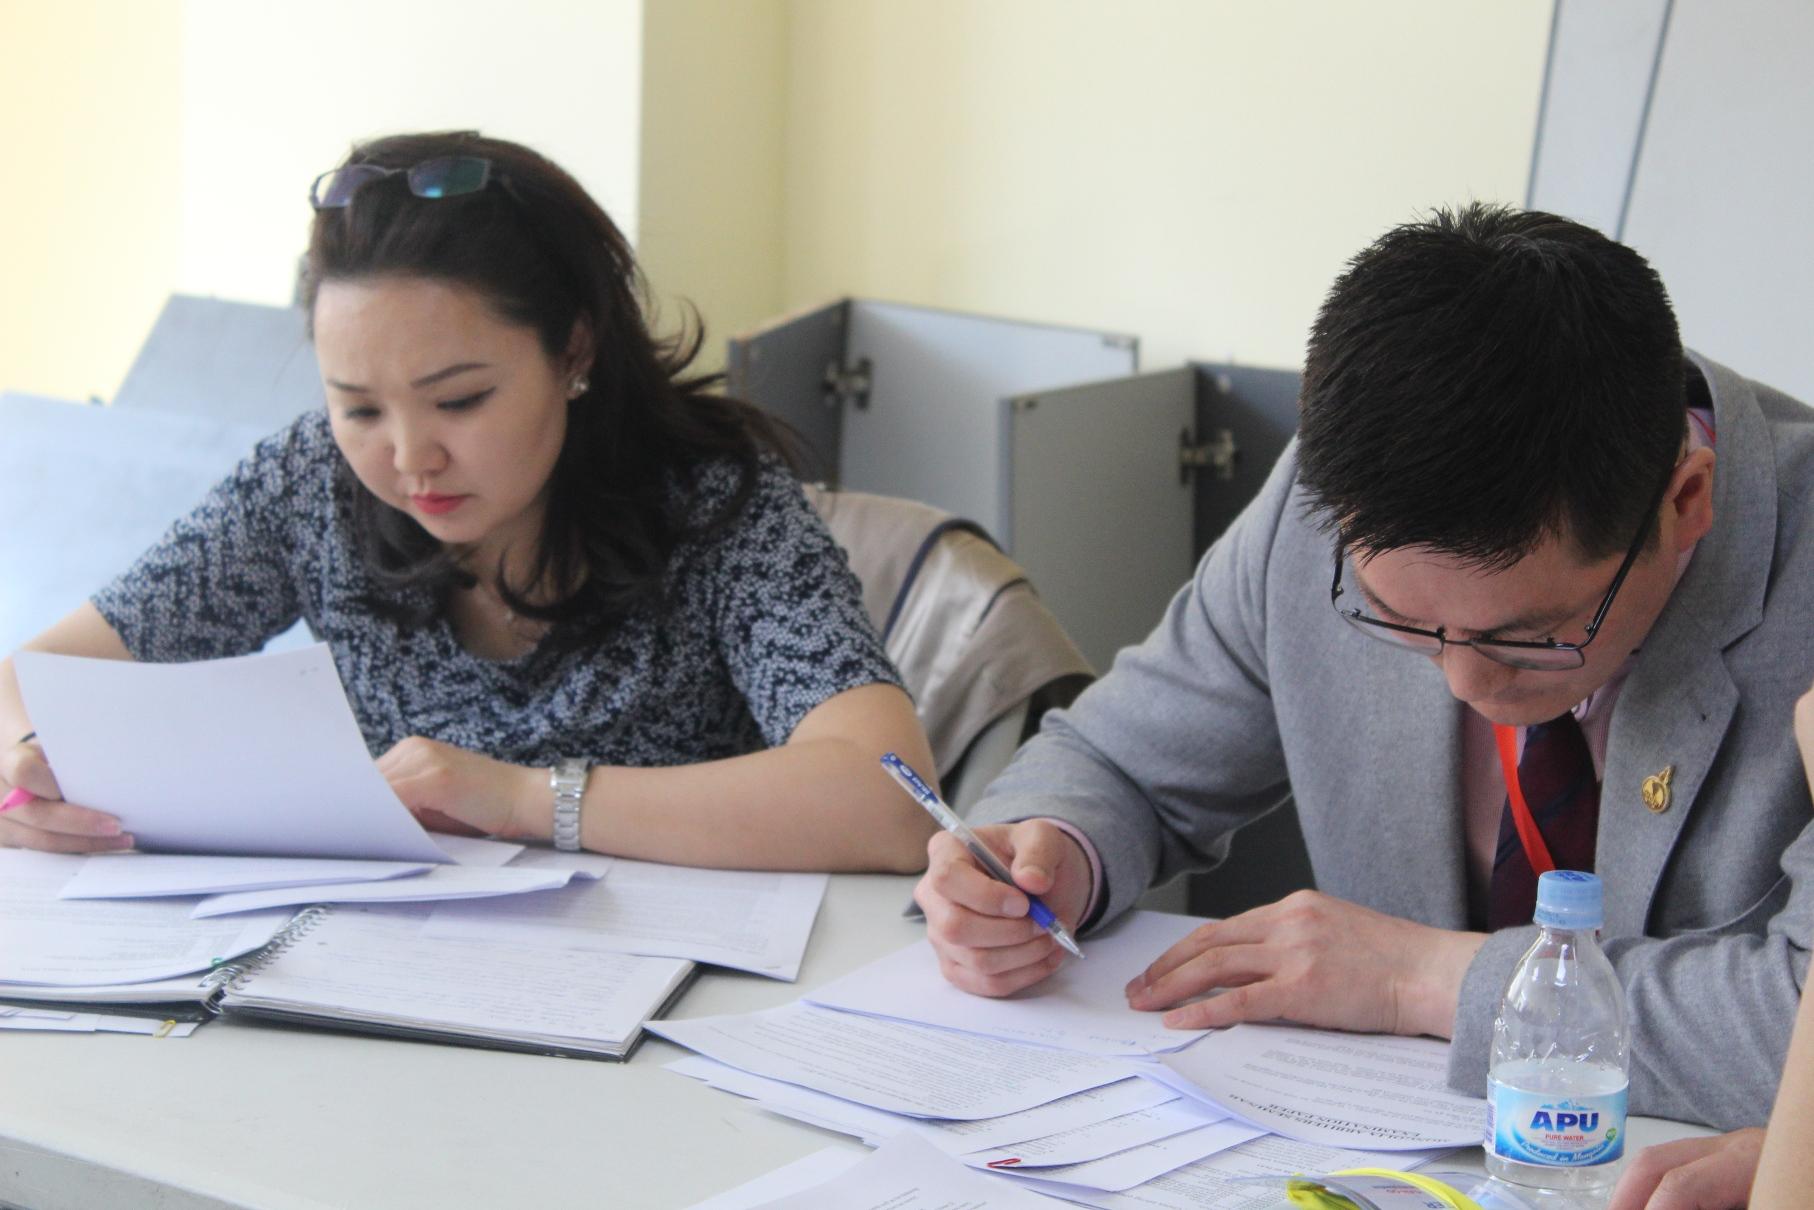 ulaanbaatar april2019 pic03